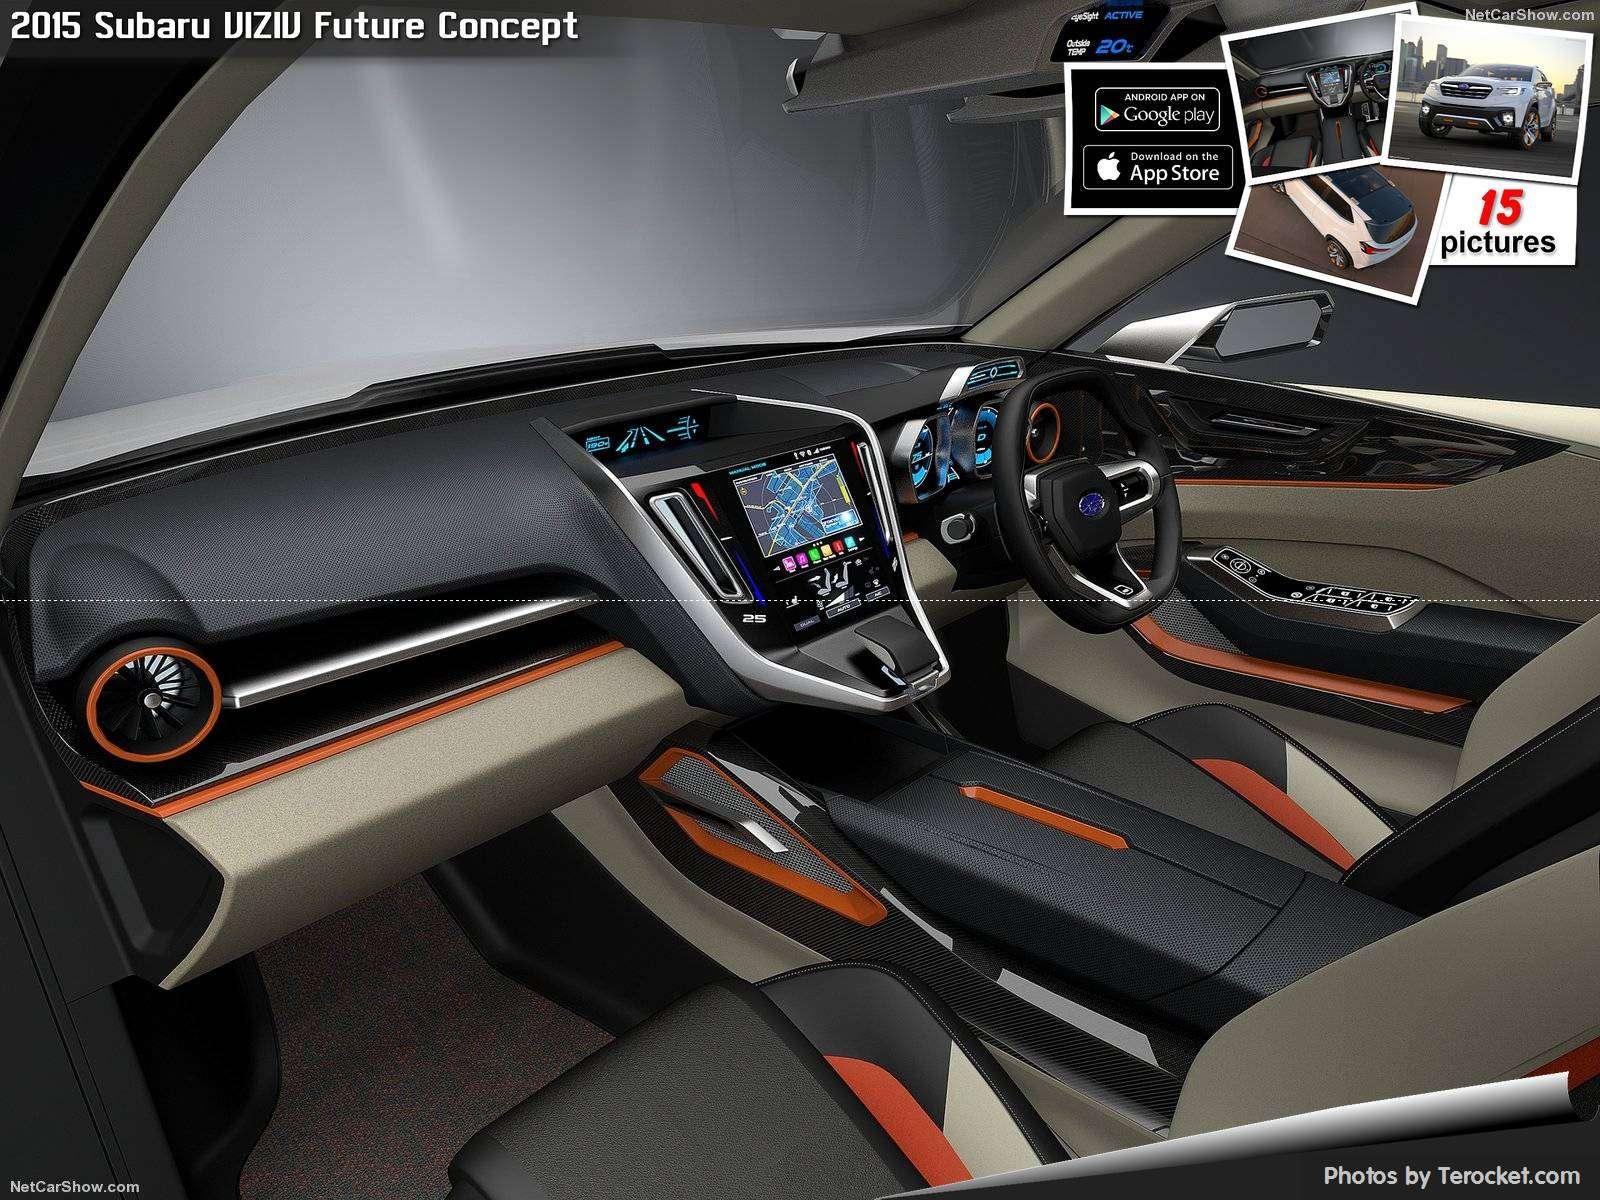 Hình ảnh xe ô tô Subaru VIZIV Future Concept 2015 & nội ngoại thất